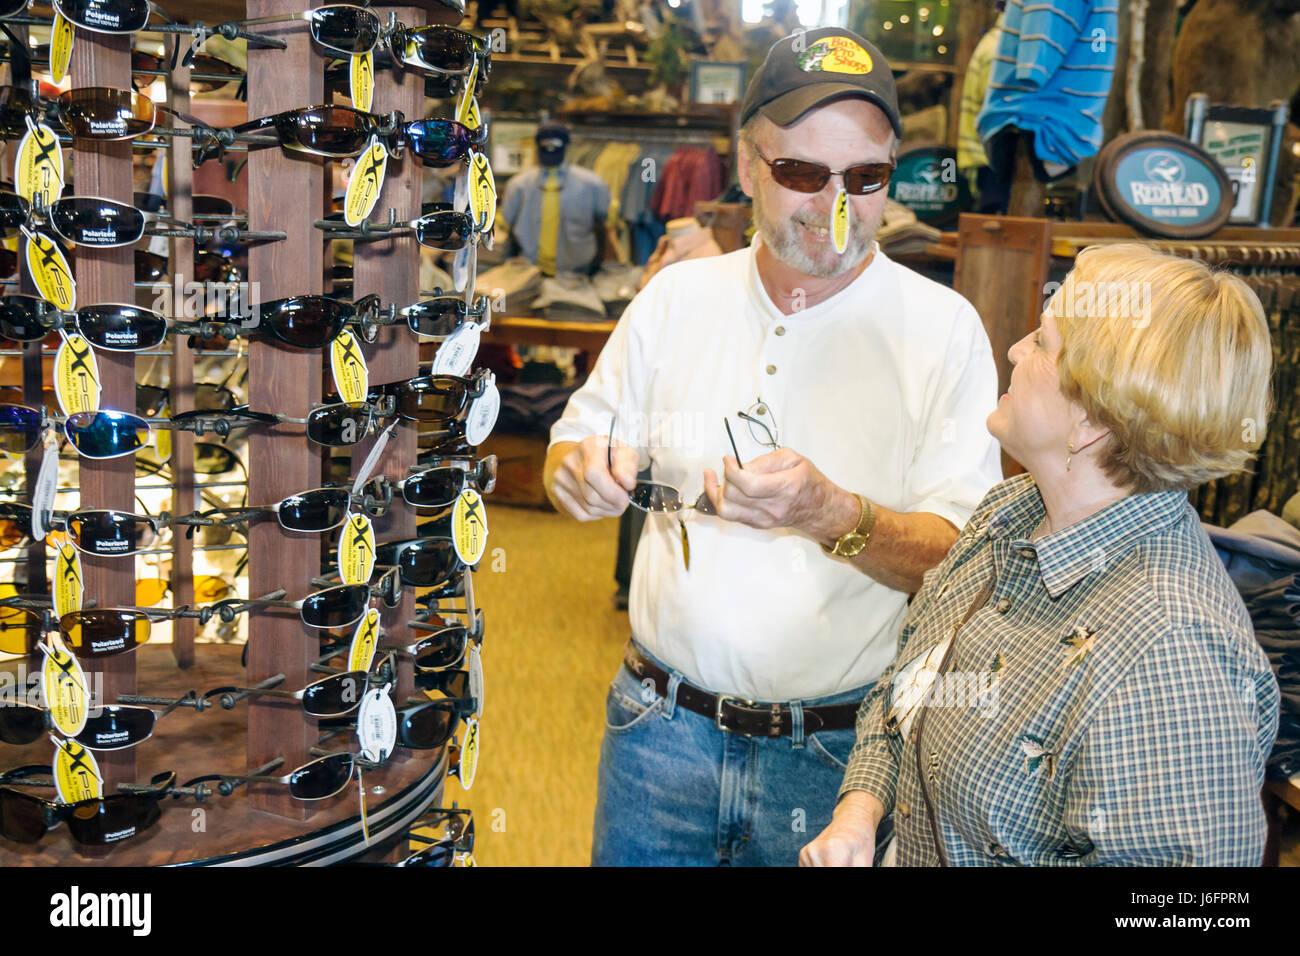 a3c606a550 Tennessee Sevierville Kodak Bass Pro Shops man woman couple shopping  sunglasses merchandise sporting goods outdoor -